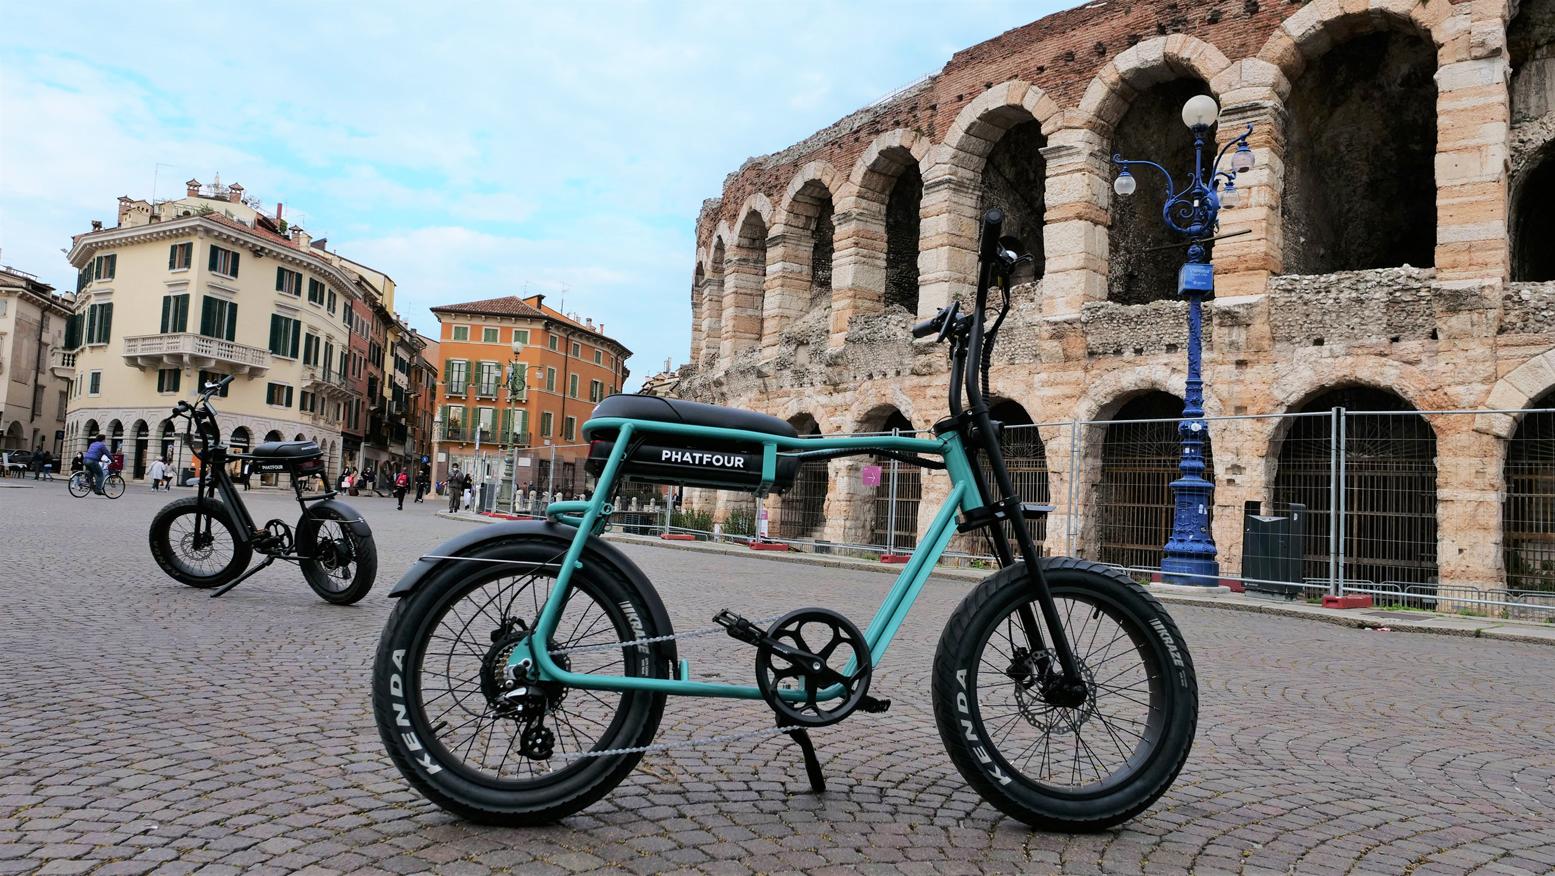 Phatfour E-bike Italia